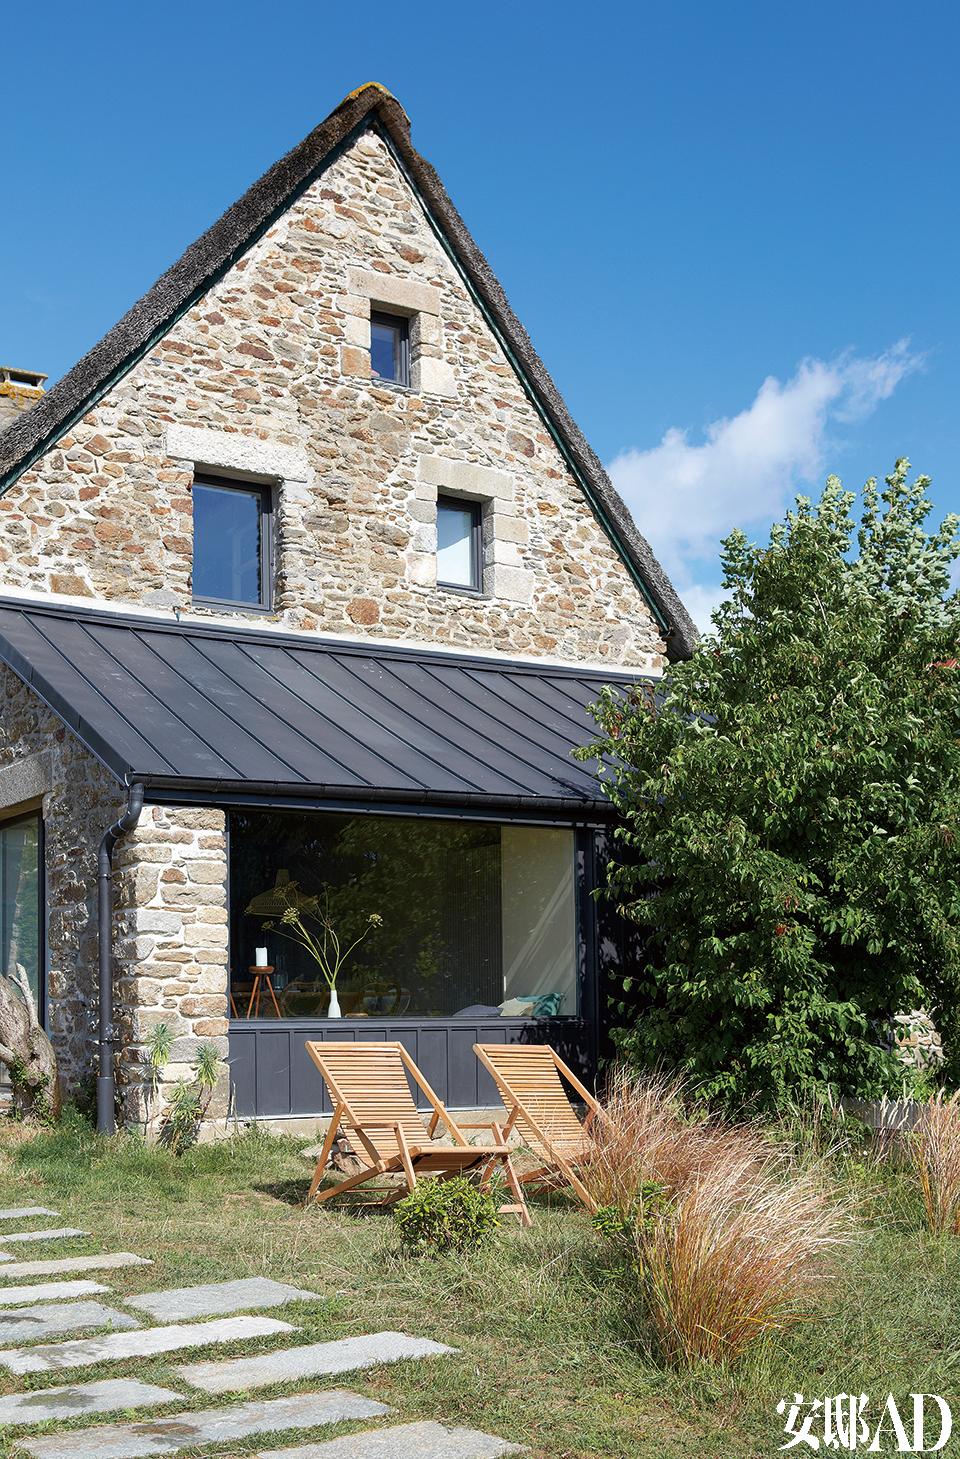 房屋面海一侧的山墙经过改造,新增的大窗并没破坏老式房屋的整体风格。两张折叠式躺椅来自Habitat。